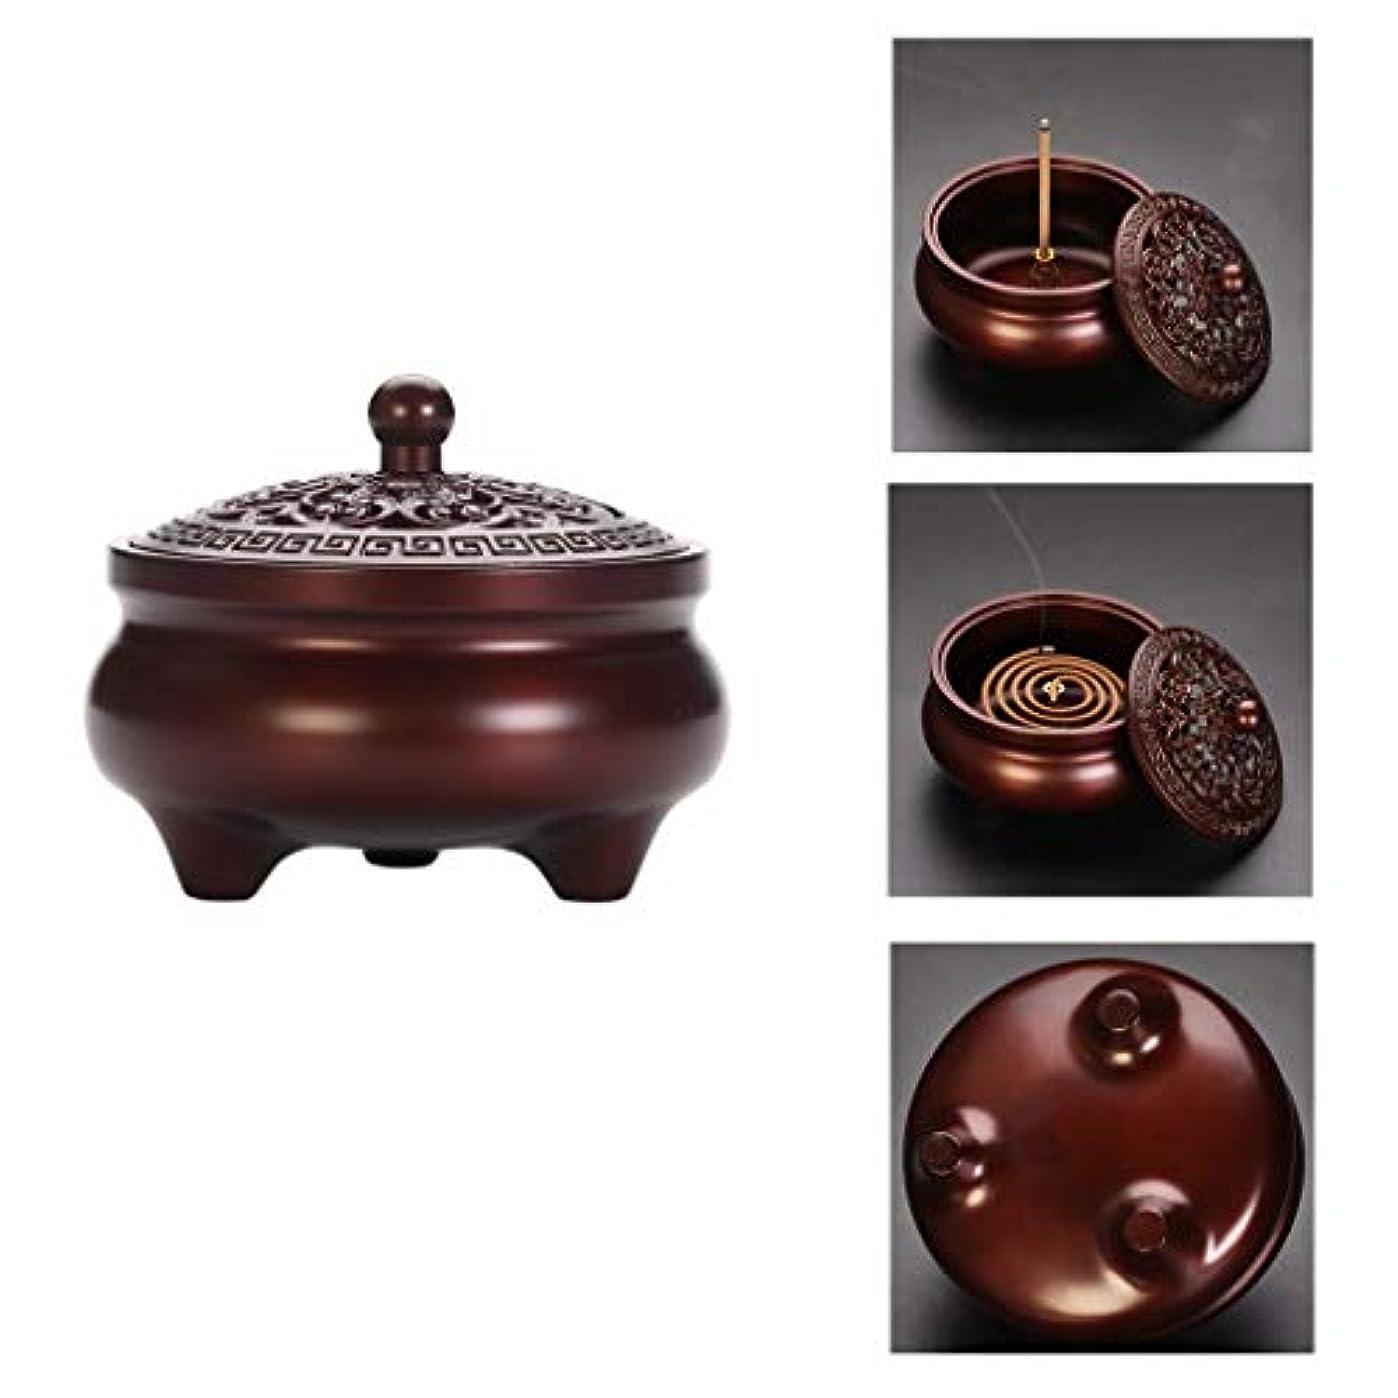 一般的にごめんなさい悔い改めるホームアロマバーナー 純銅製メカニズム香炉シンプルでエレガントな香炉内三脚アロマセラピー炉 アロマバーナー (Color : Purple Lotus)